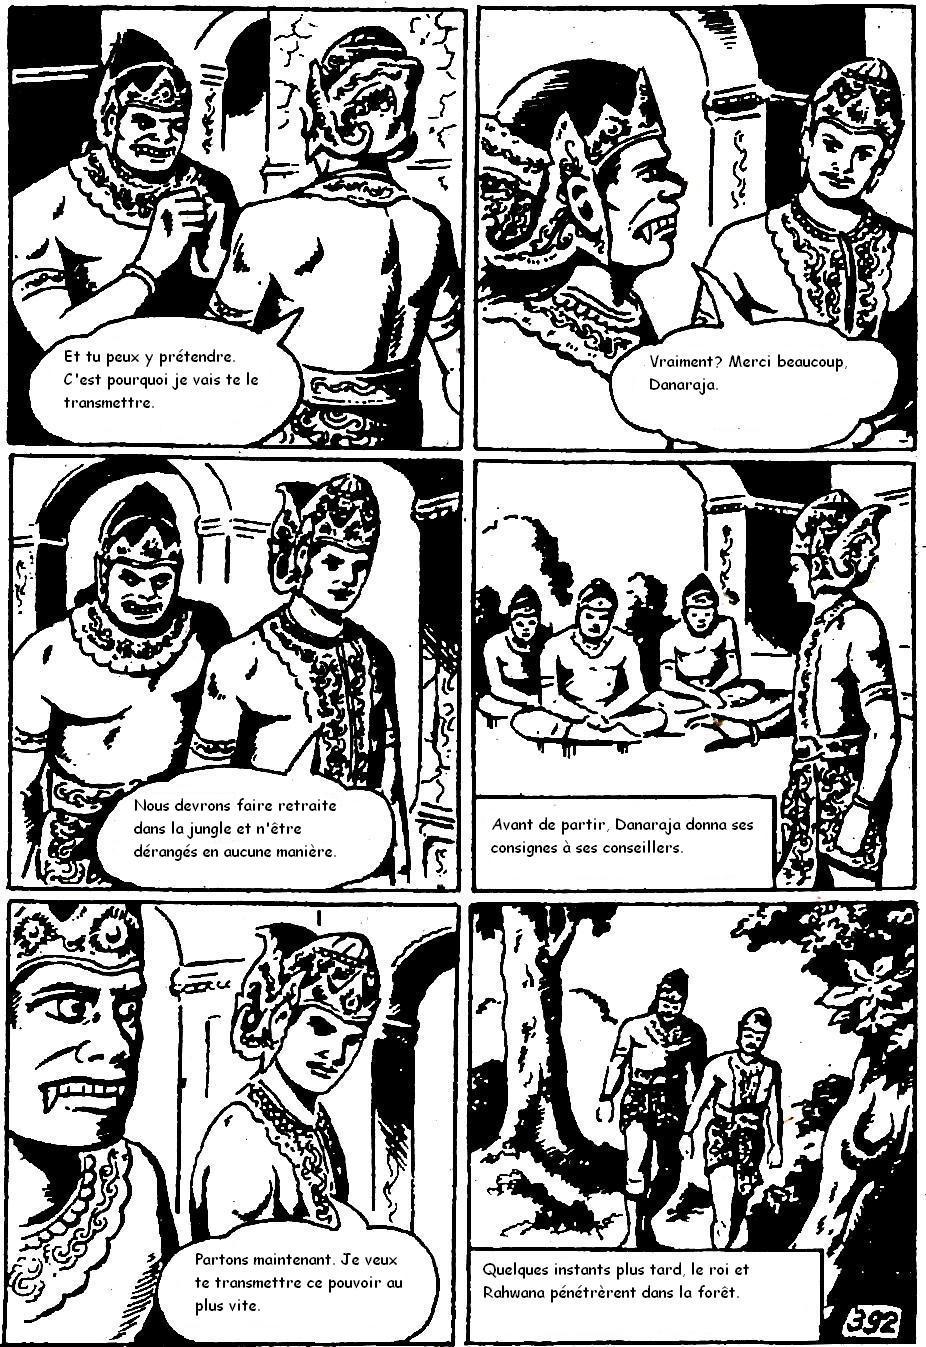 RA Kosasih The Indonesias Comic Godfather  doro2020